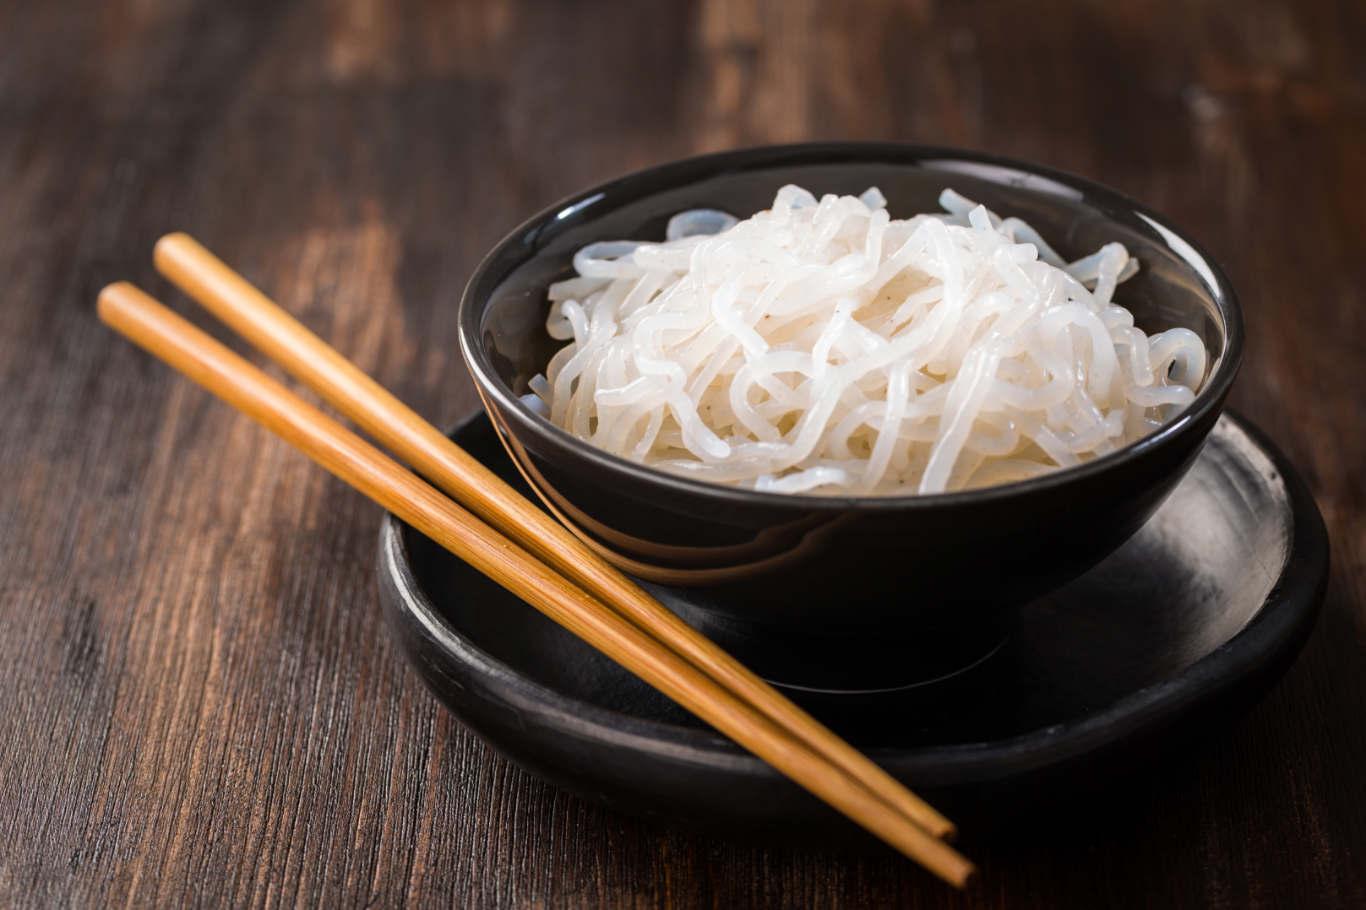 Fideos shirataki – Beneficios y propiedades nutricionales de la pasta keto baja en calorías